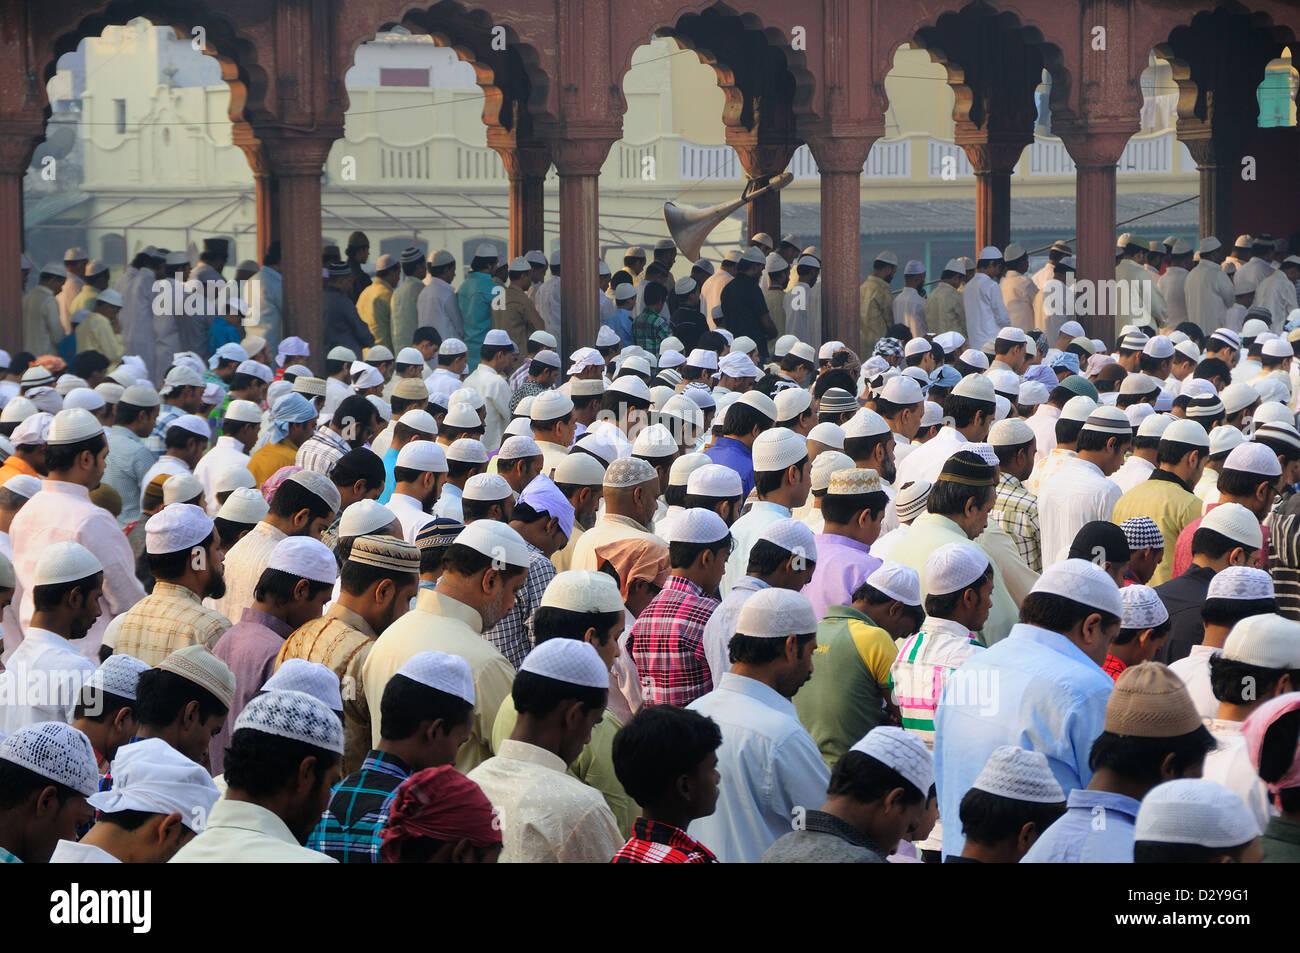 Migliaia di gente musulmana seduta all'interno e al di fuori della moschea. Celebrare la fine del Ramadan. Immagini Stock